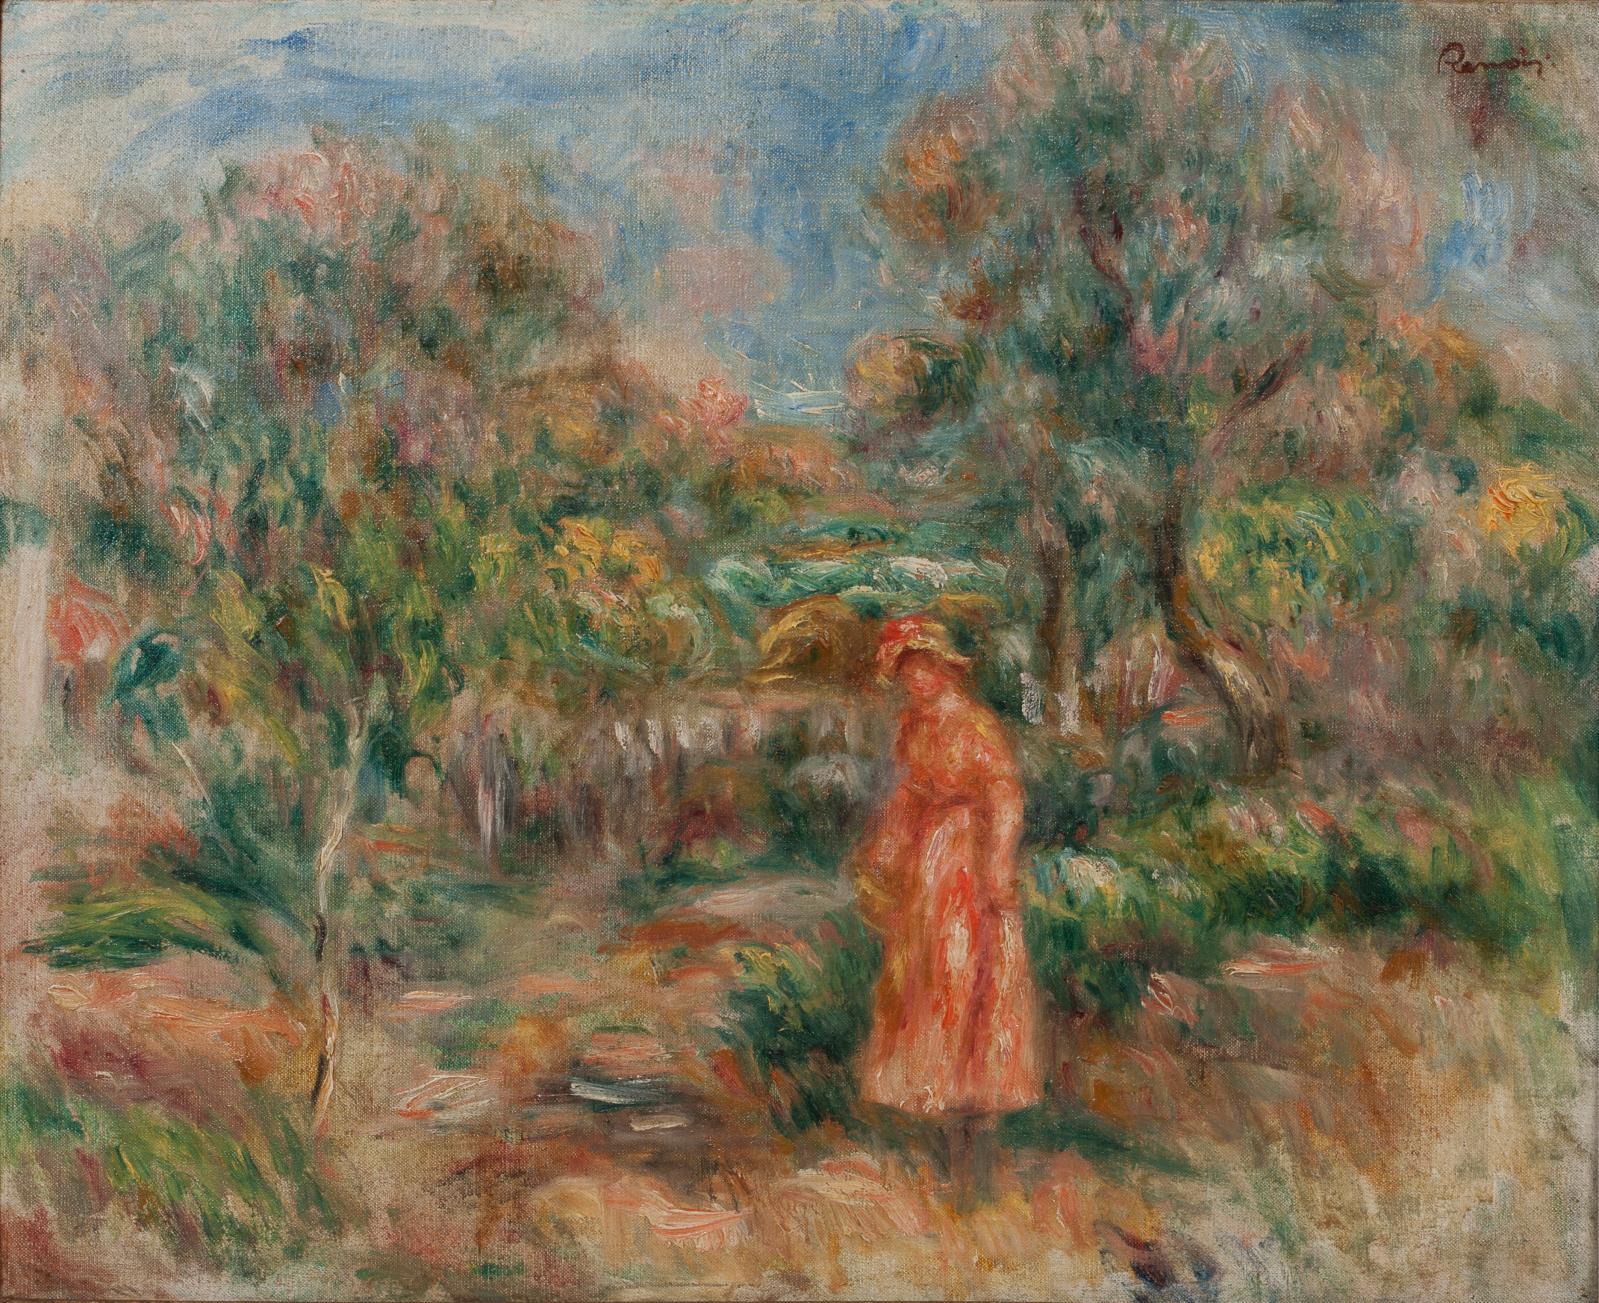 Pierre Auguste Renoir (1841-1919), Femme en rose dans un paysage à Cagnes, huile sur toile, 40x49cm.Lundi 1eravril, salle6 - Drouot-Richelieu. OV